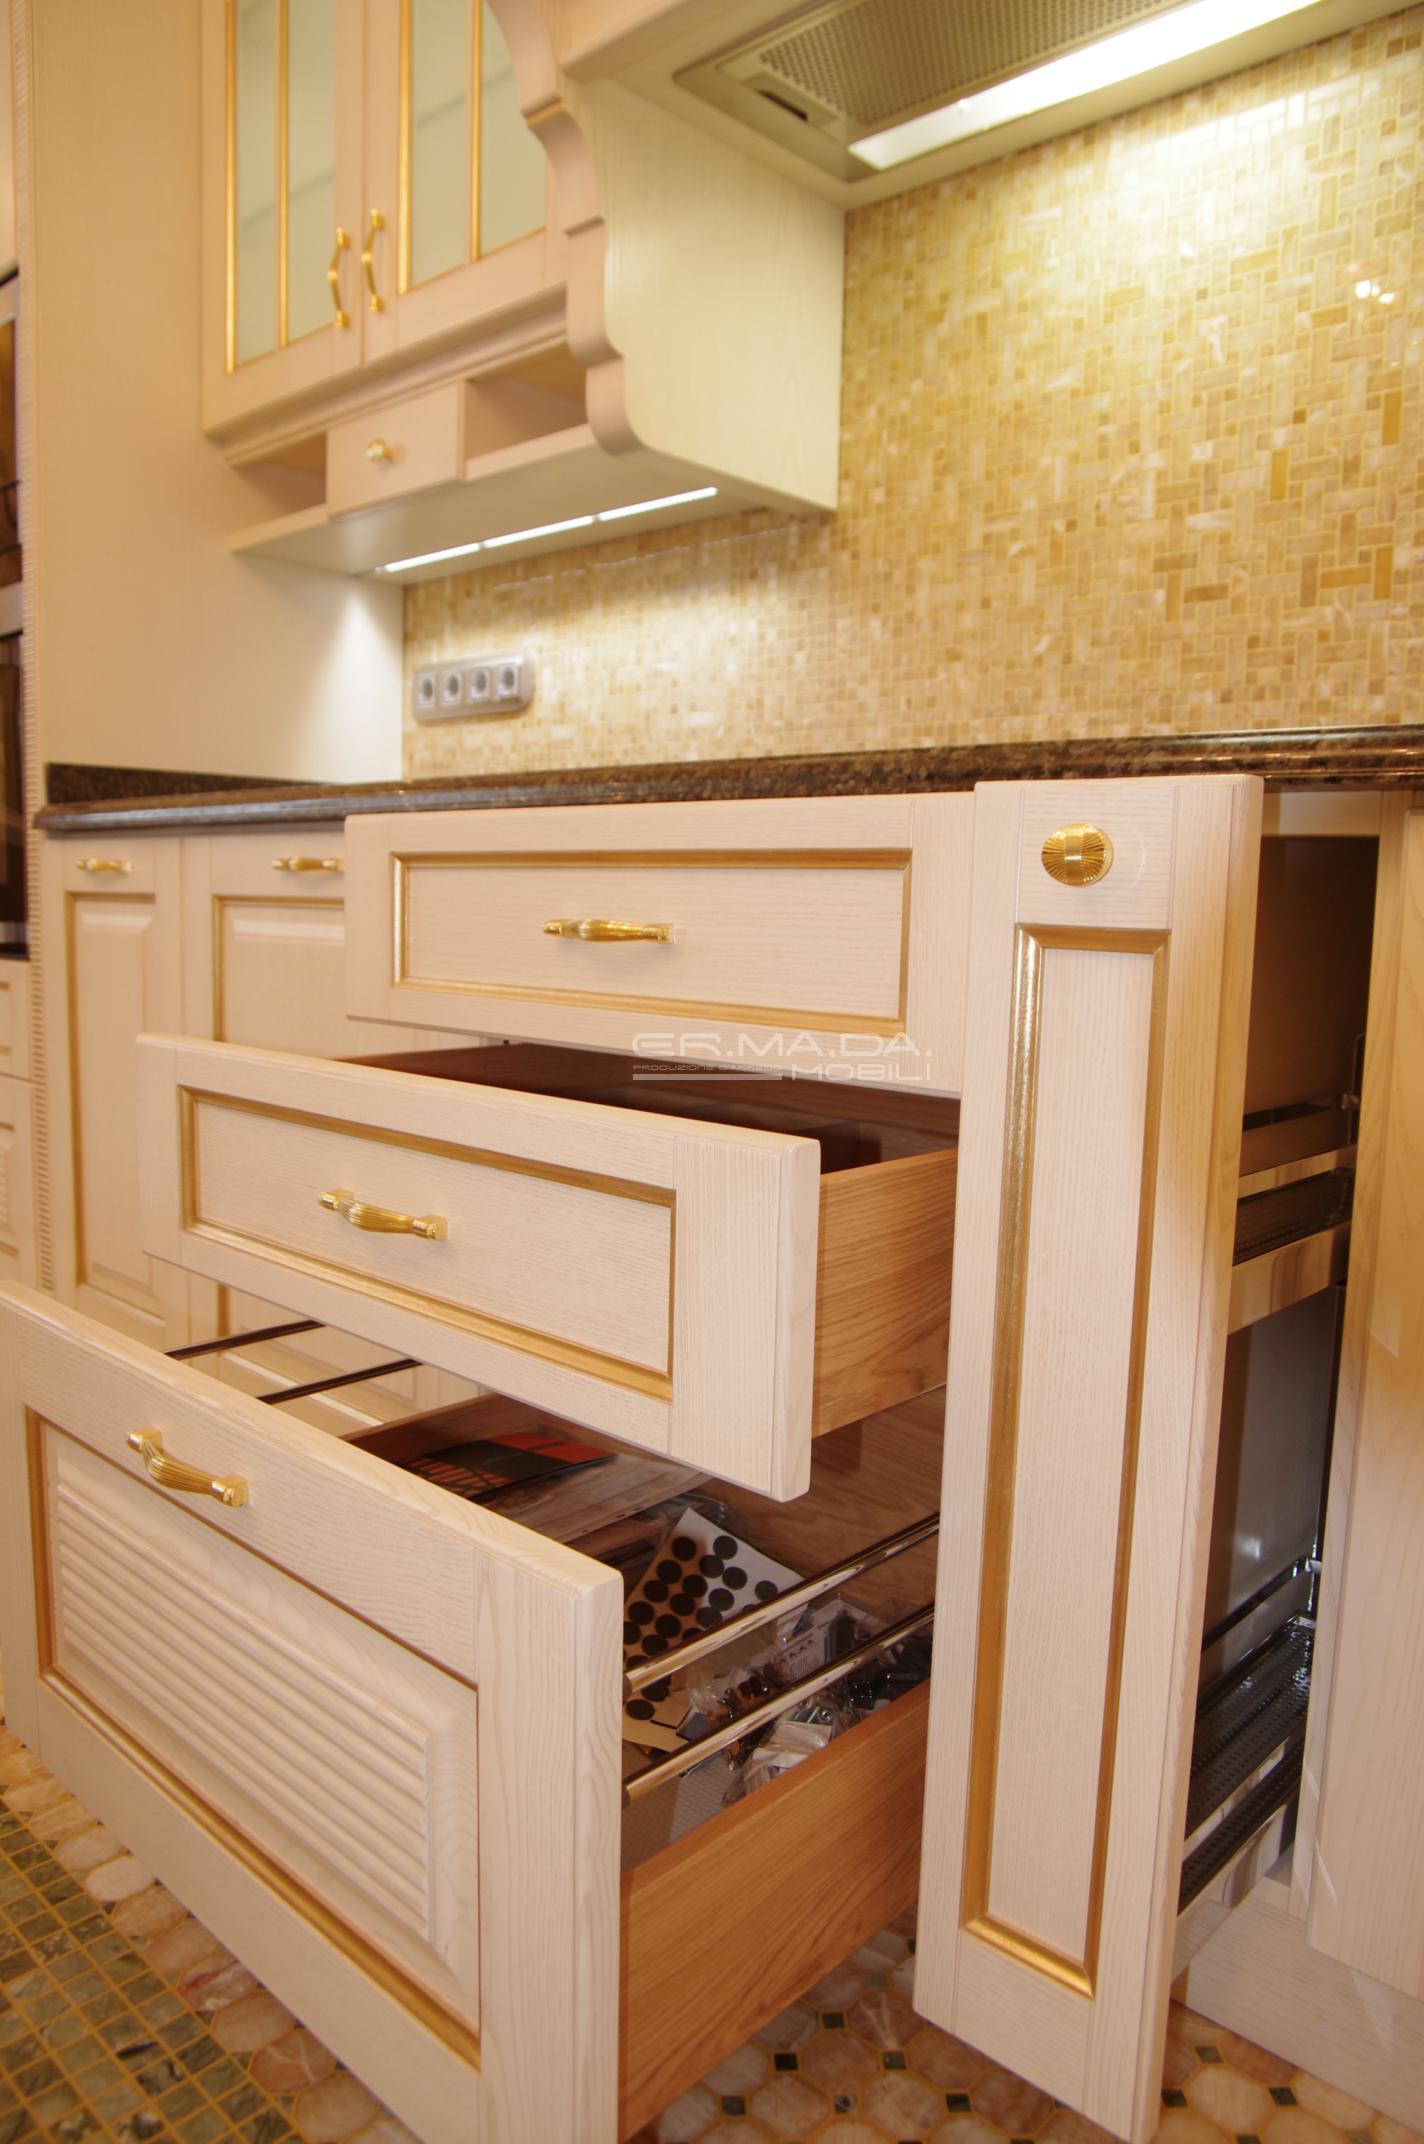 Cucina classica er ma da mobilificio progetta e for Progetta i tuoi mobili online